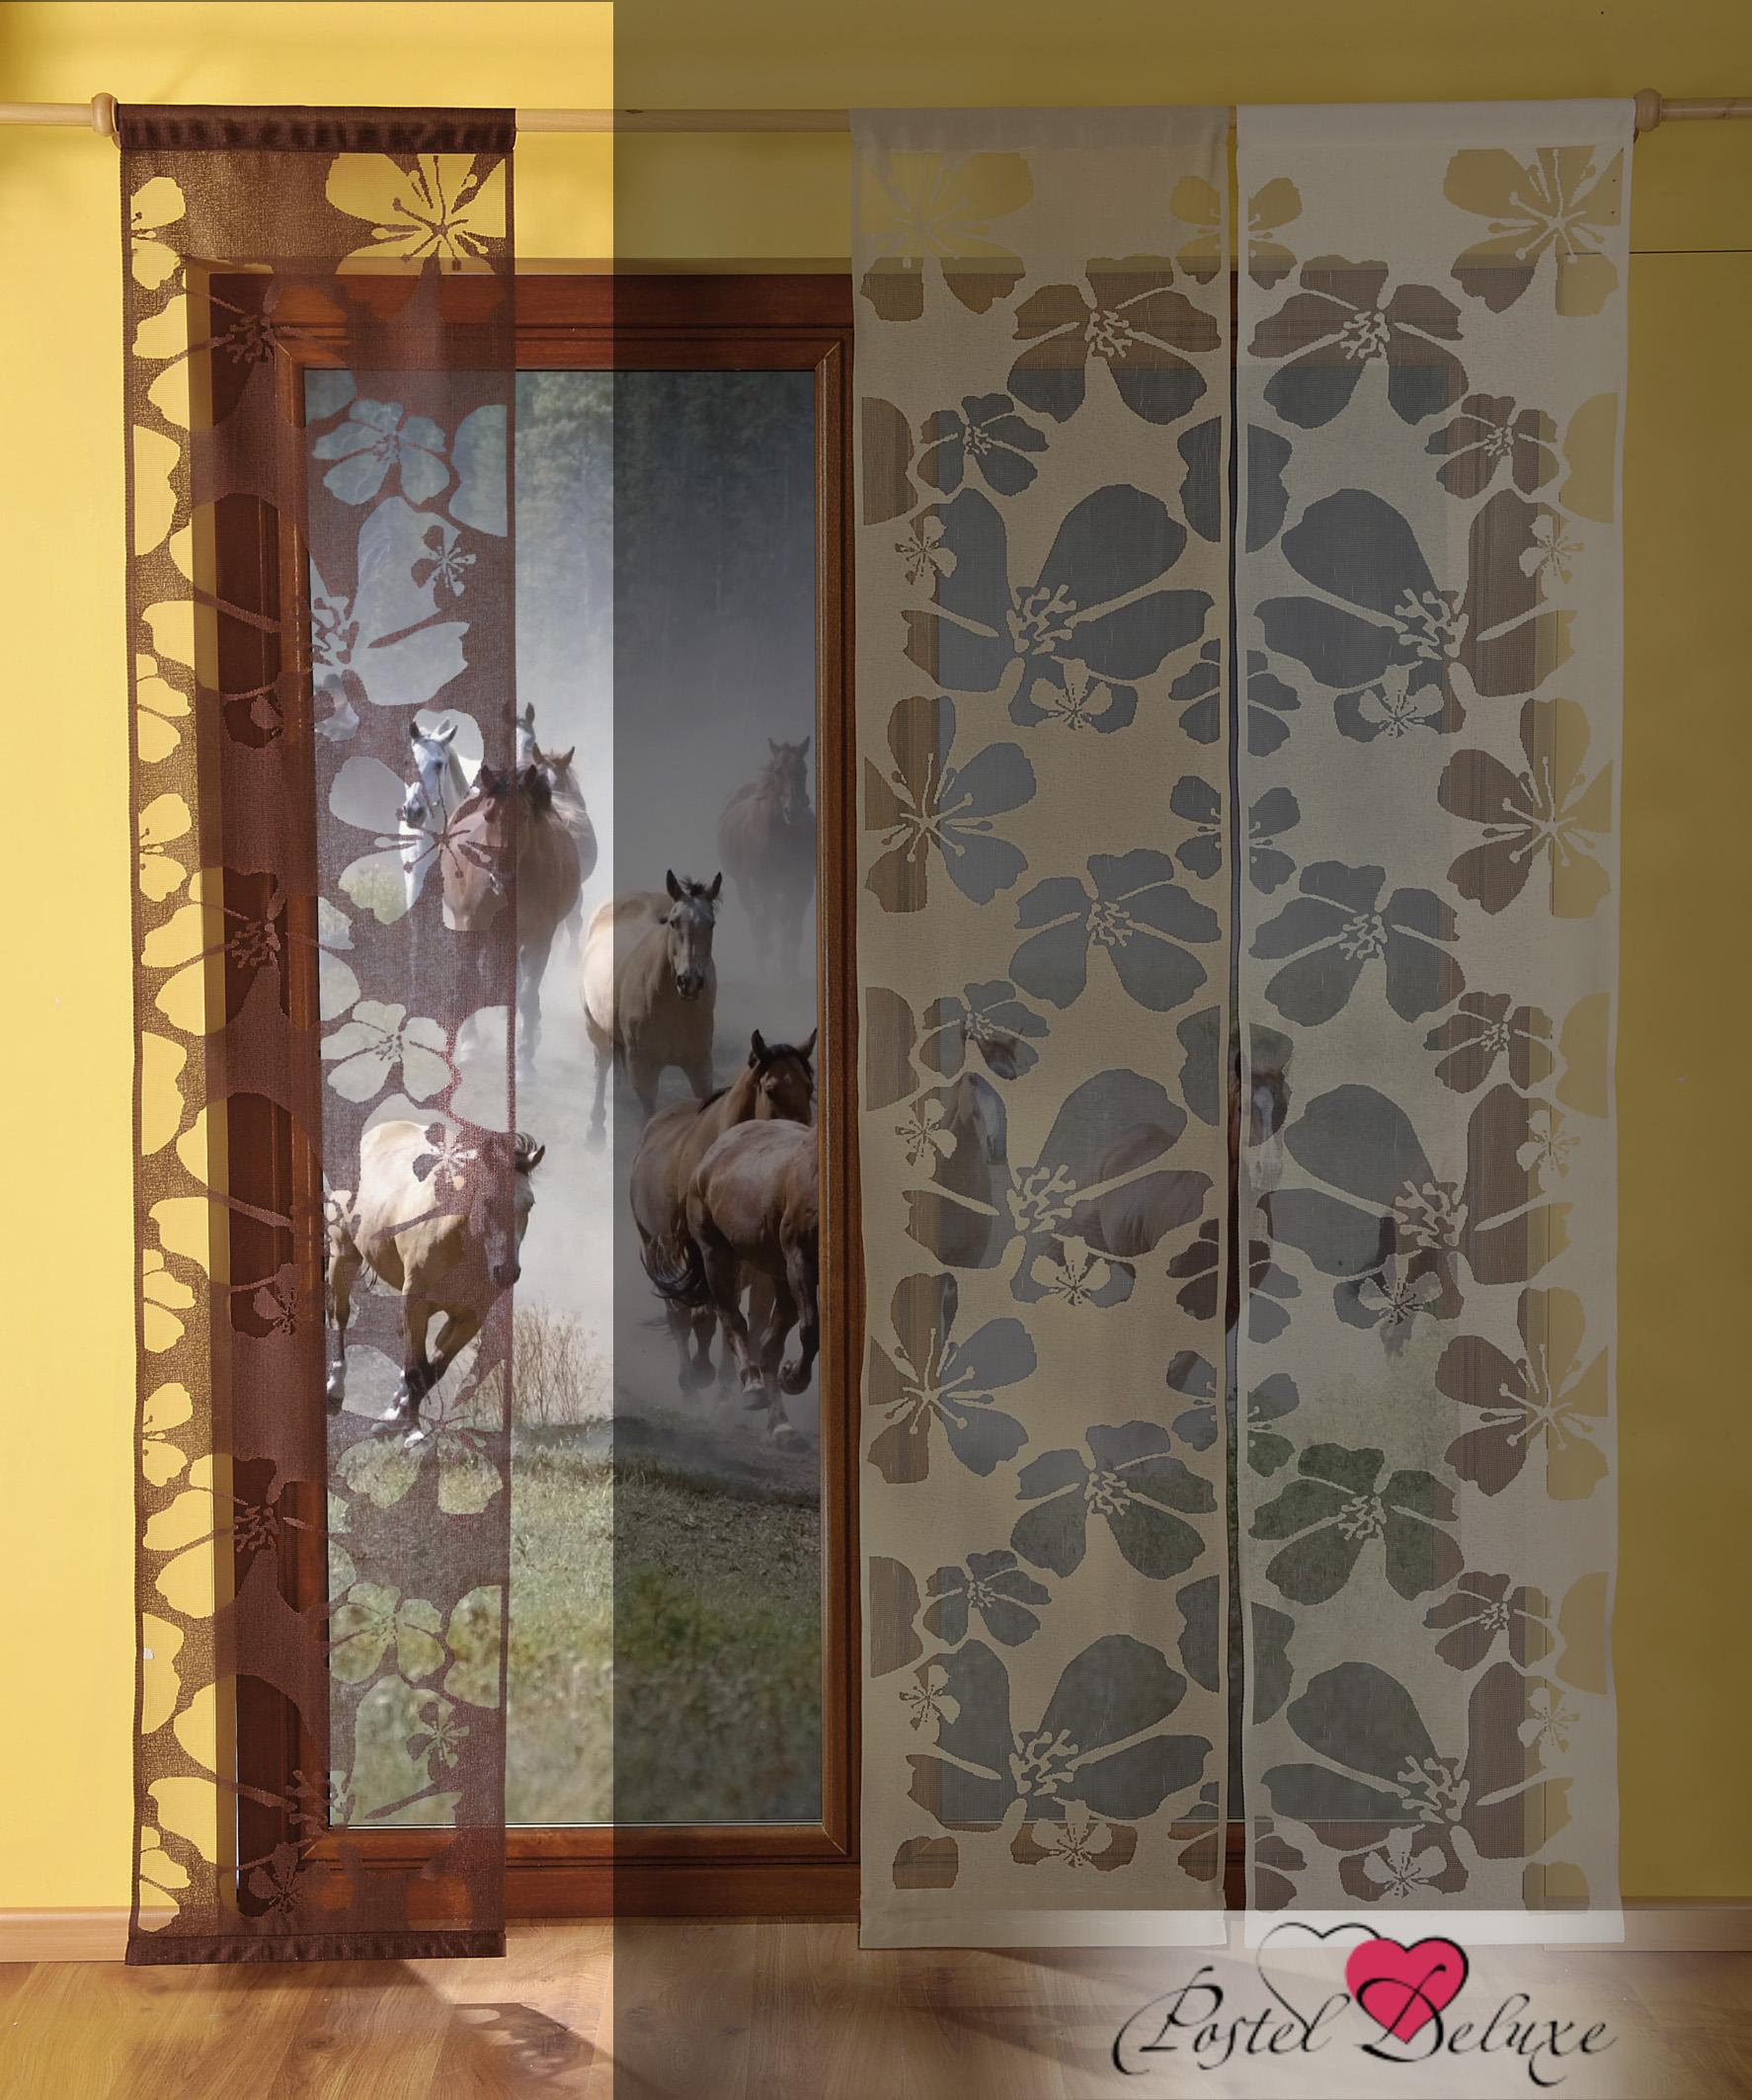 Шторы WisanШторы<br>ВНИМАНИЕ! Комплектация штор может отличаться от представленной на фотографии. Фактическая комплектация указана в описании изделия.<br><br>Производитель: Wisan<br>Cтрана производства: Польша<br>Японские шторы<br>Материал гардины: Тюль<br>Размер гардины: 50х240 см (1 шт.)<br>Вид крепления: Кулиска<br>Рекомендуемая ширина карниза (см): 50-200<br><br>Максимальный размер карниза, указанный в описании, предполагает, что Вы будете использовать 4 полотна на одно окно. Обратите внимание на информацию о том, сколько полотен входит в данный комплект изначально. Зачастую шторы продаются по одному полотну, чтобы дать возможность подобрать изделия в желаемом цвете и стиле, создавая свое неповторимое сочетание.<br><br>Тип: шторы<br>Размерность комплекта: Японские шторы<br>Материал: Тюль<br>Размер наволочки: None<br>Подарочная упаковка: Японские шторы<br>Для детей: Японские шторы<br>Ткань: Тюль<br>Цвет: Коричневый